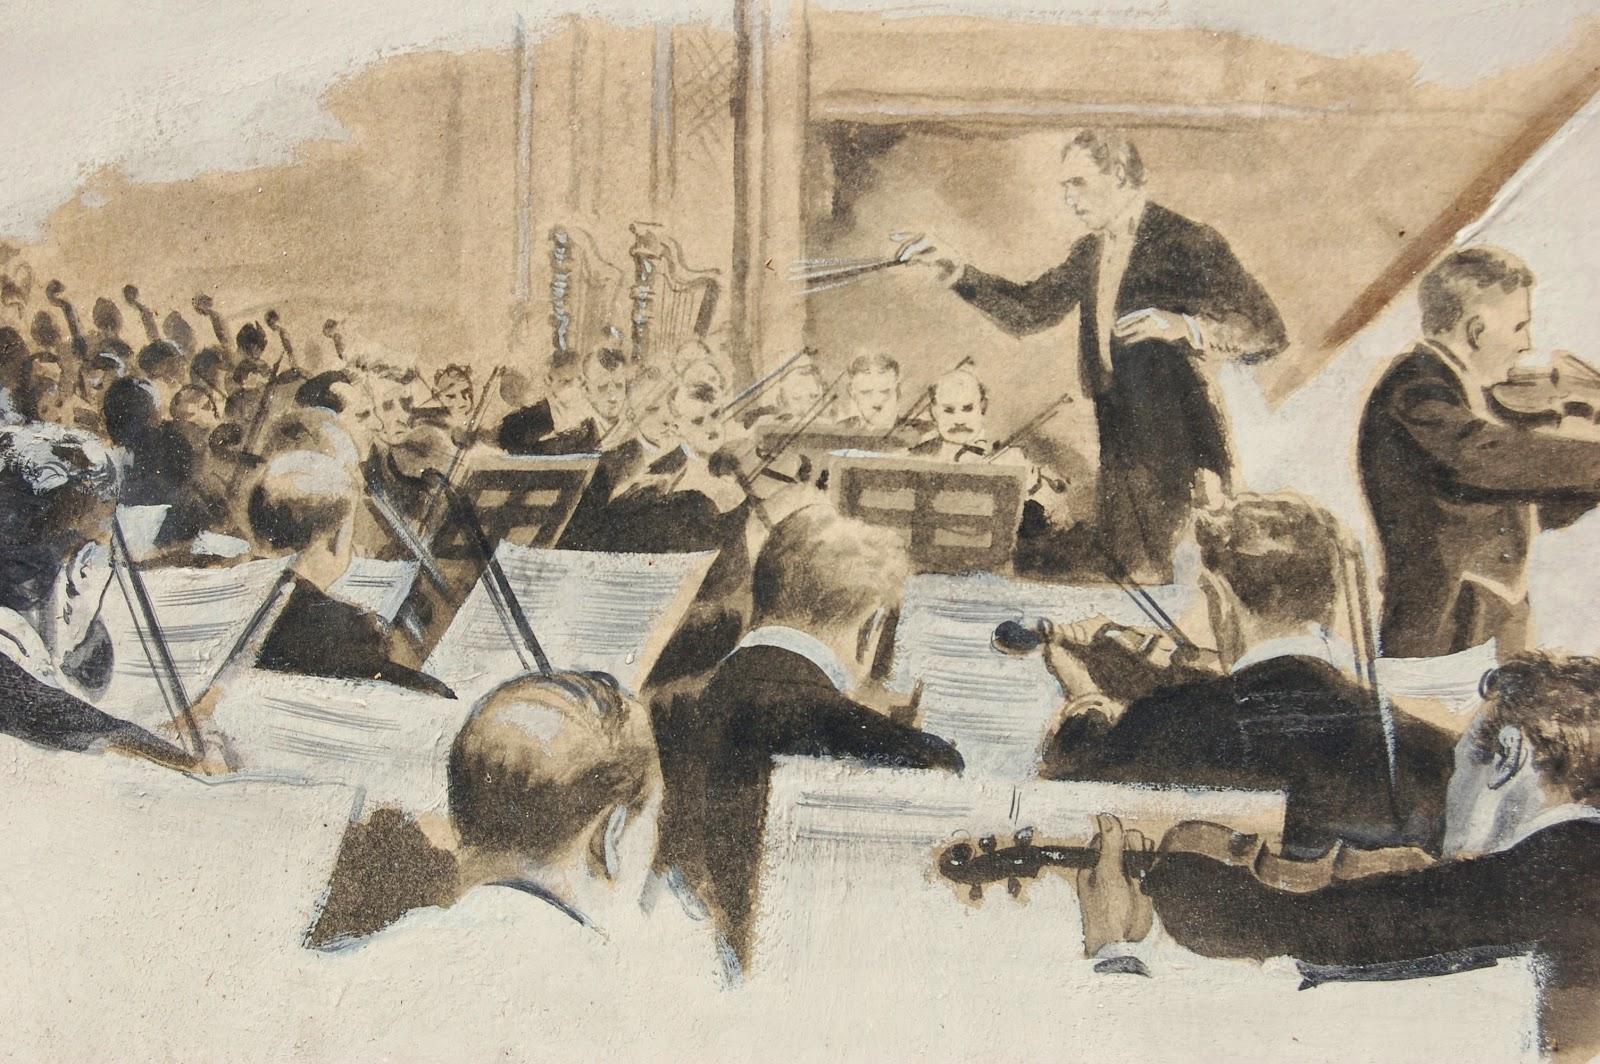 Osmanlı Musikisi Marşları Ve Müzikleri. Osmanlı Saray Klasik Batı Müziği. Sanatçı Ve Müzisyenleri